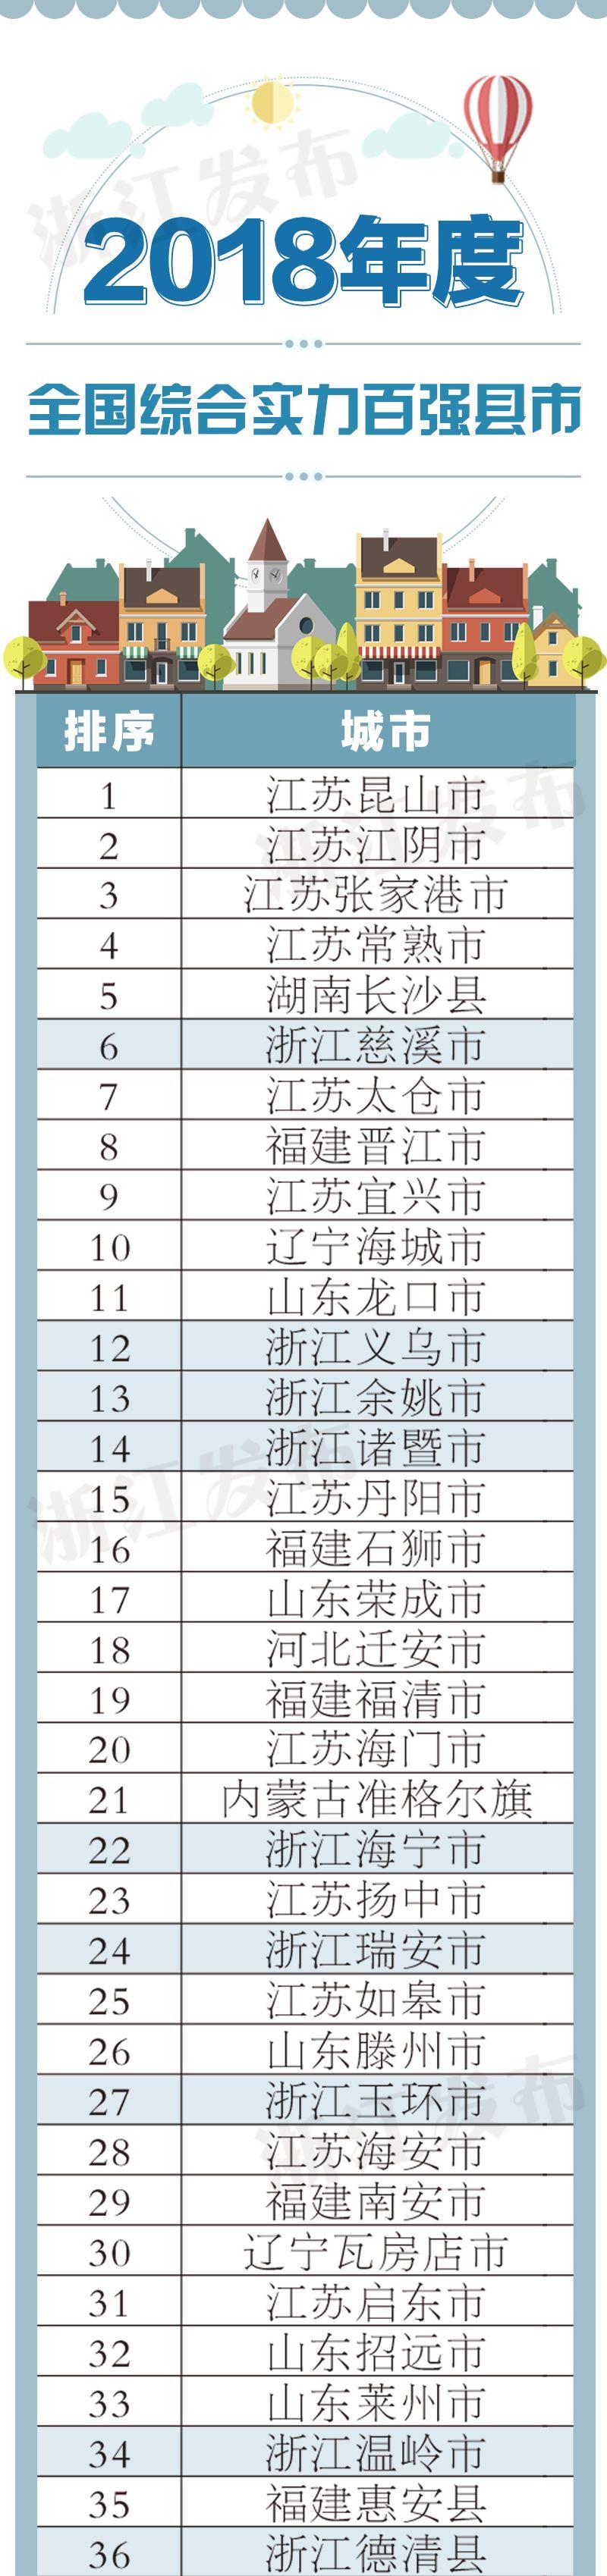 2018全国综合实力百强县市